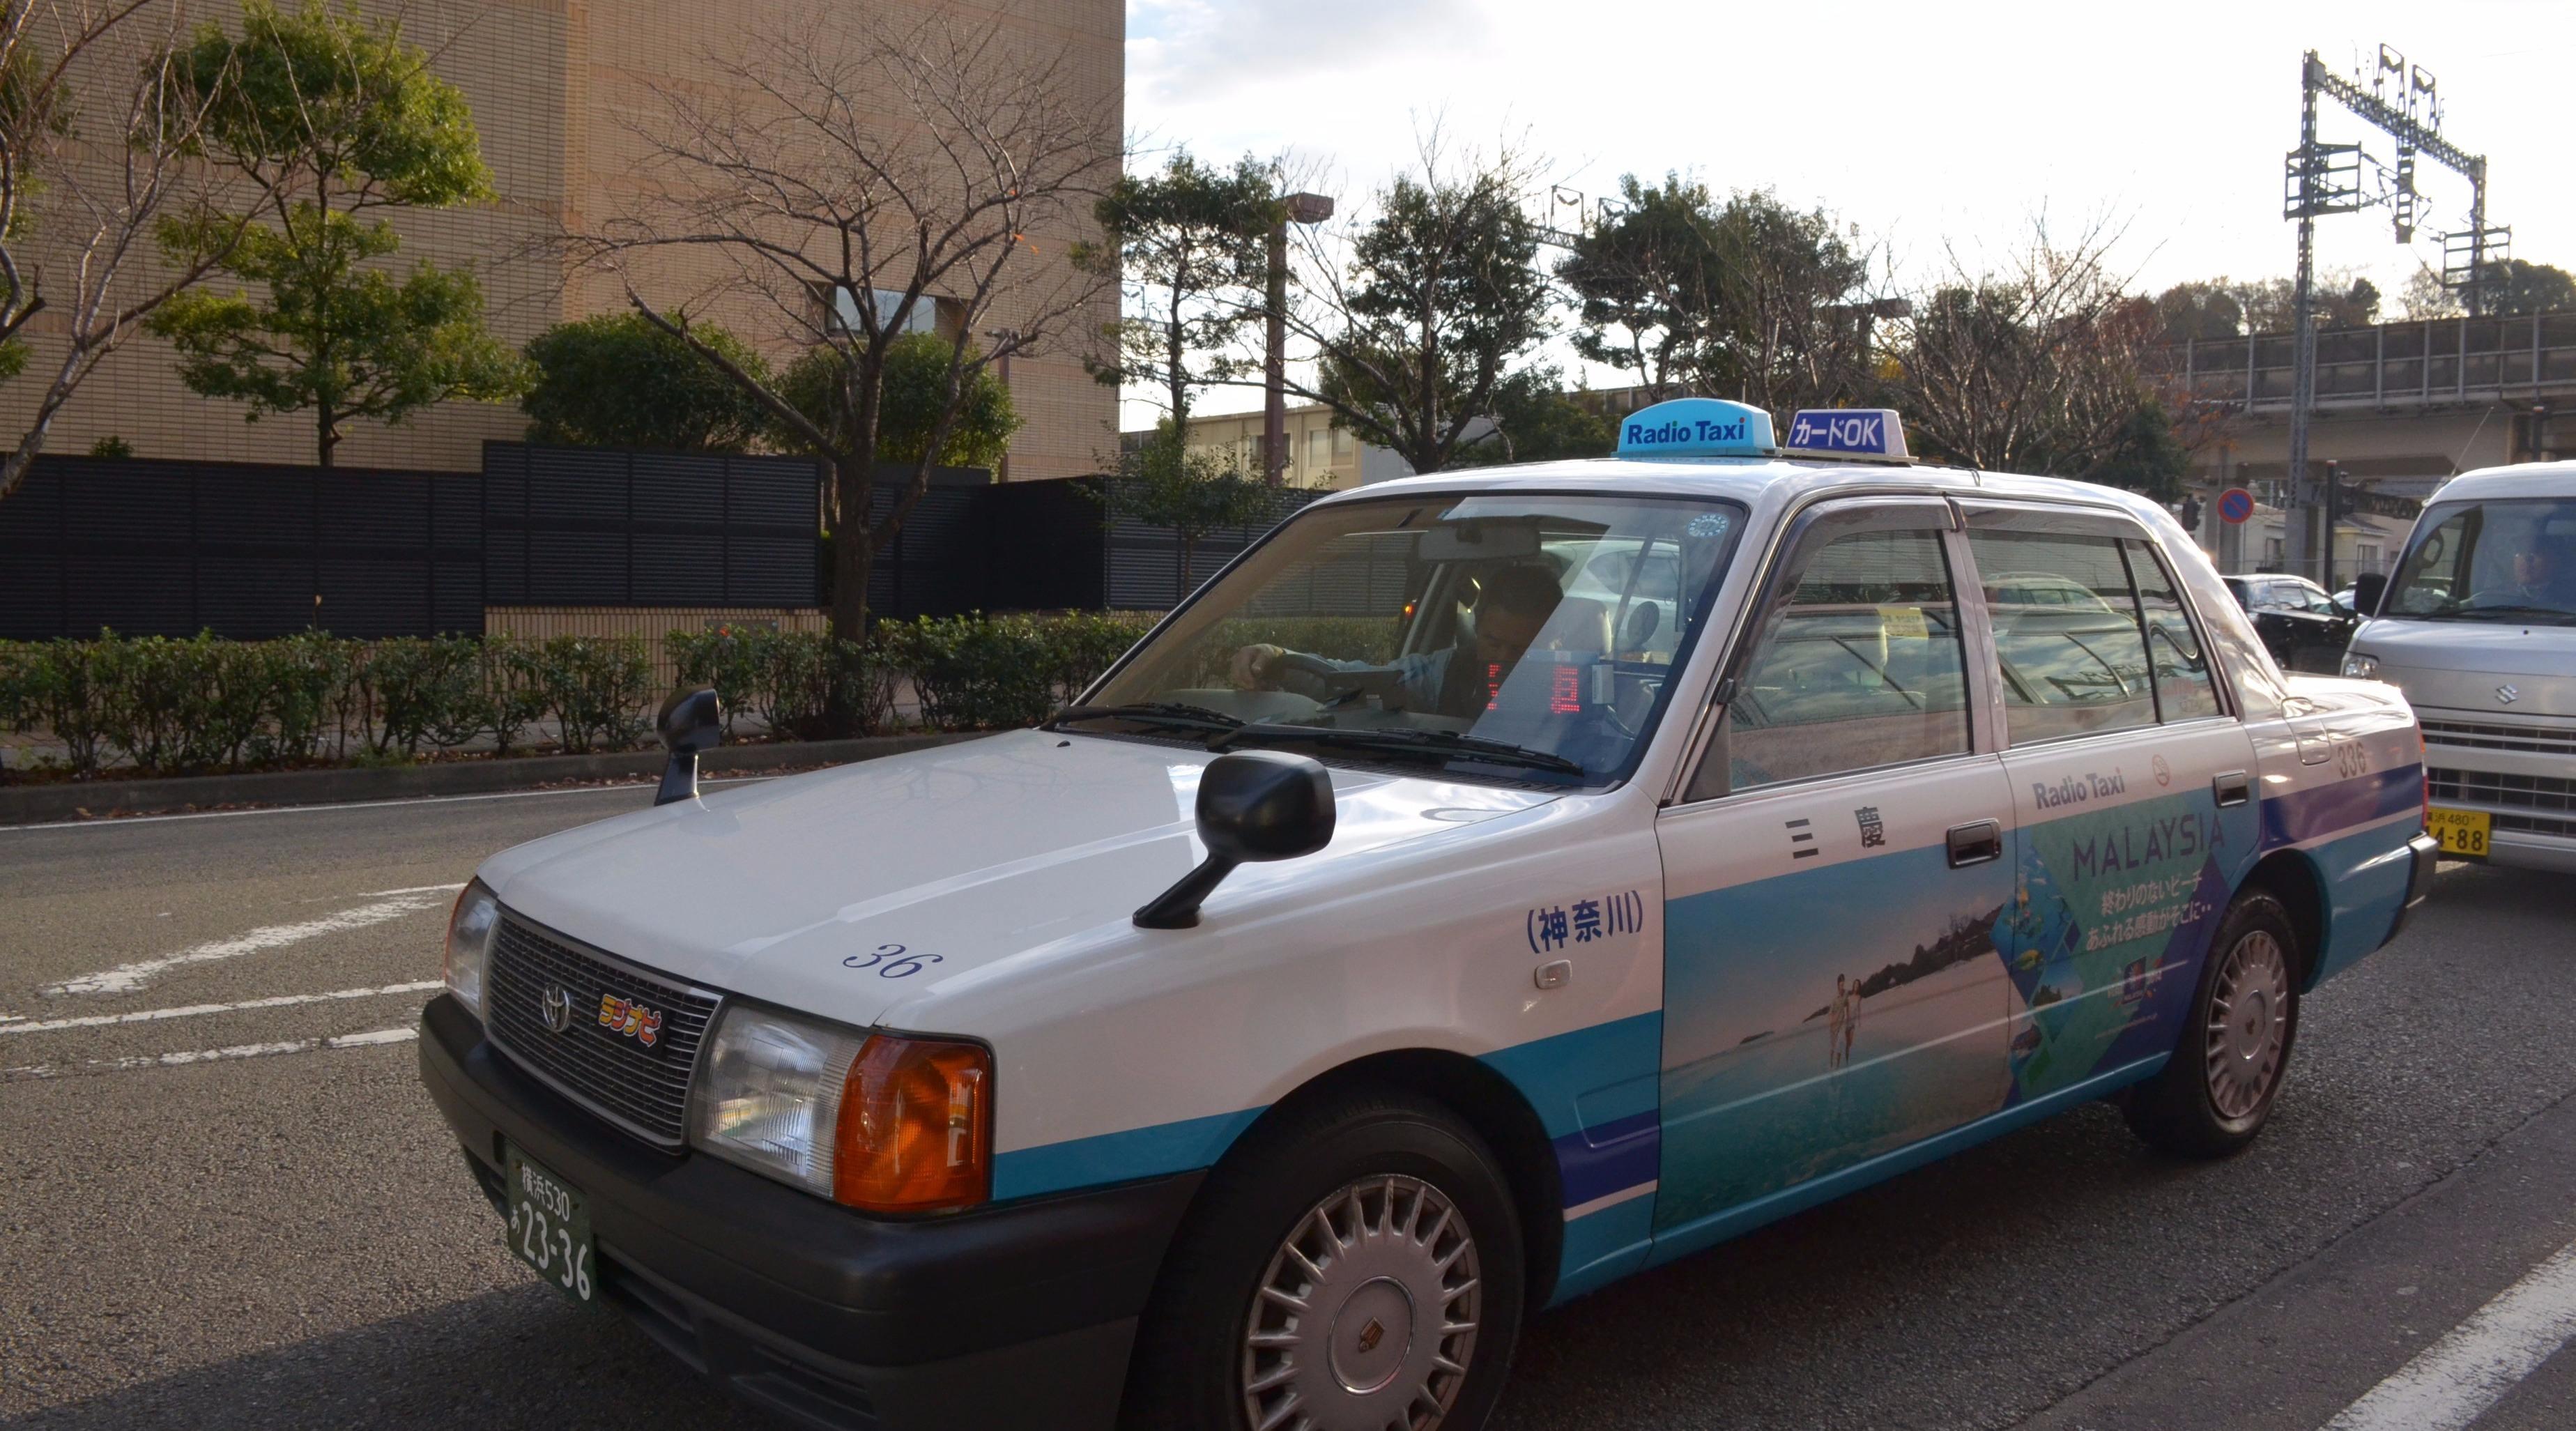 日本出租车司机年纪大,却比中国出租车安全?背后原因令人深思!